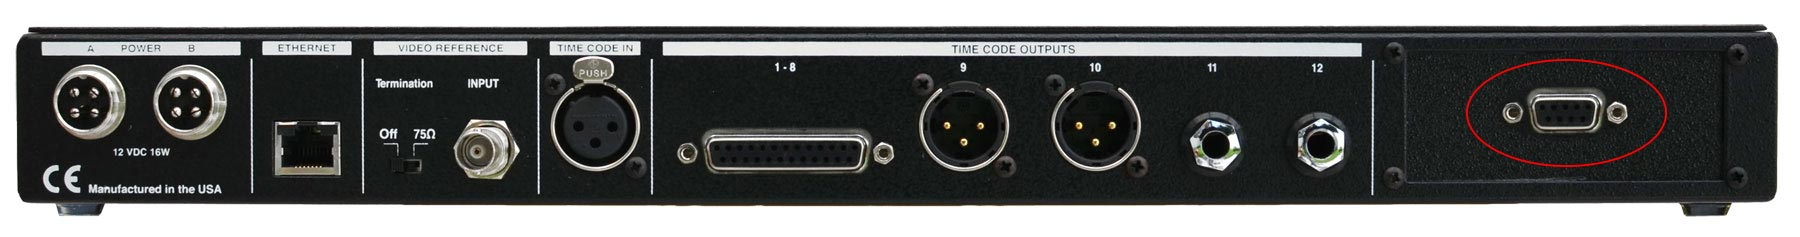 SP/SR112 Serial Port Option